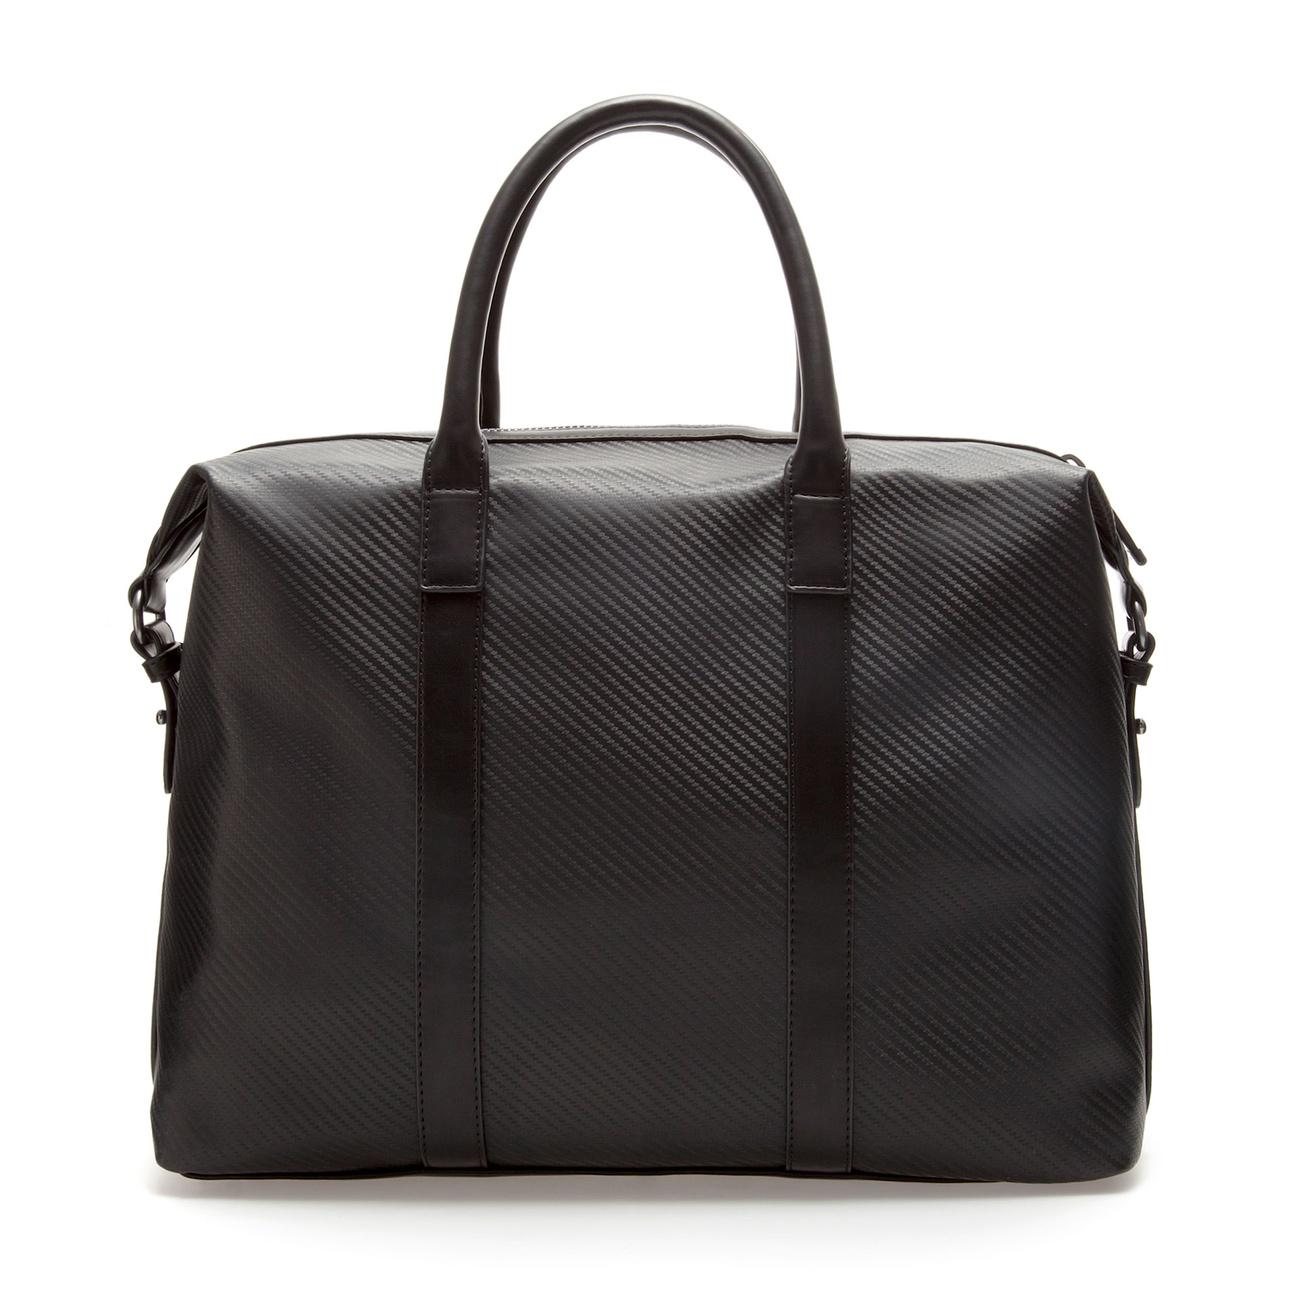 Nagyobb méret, magasabb ár. 22 995 Ft (Zara).